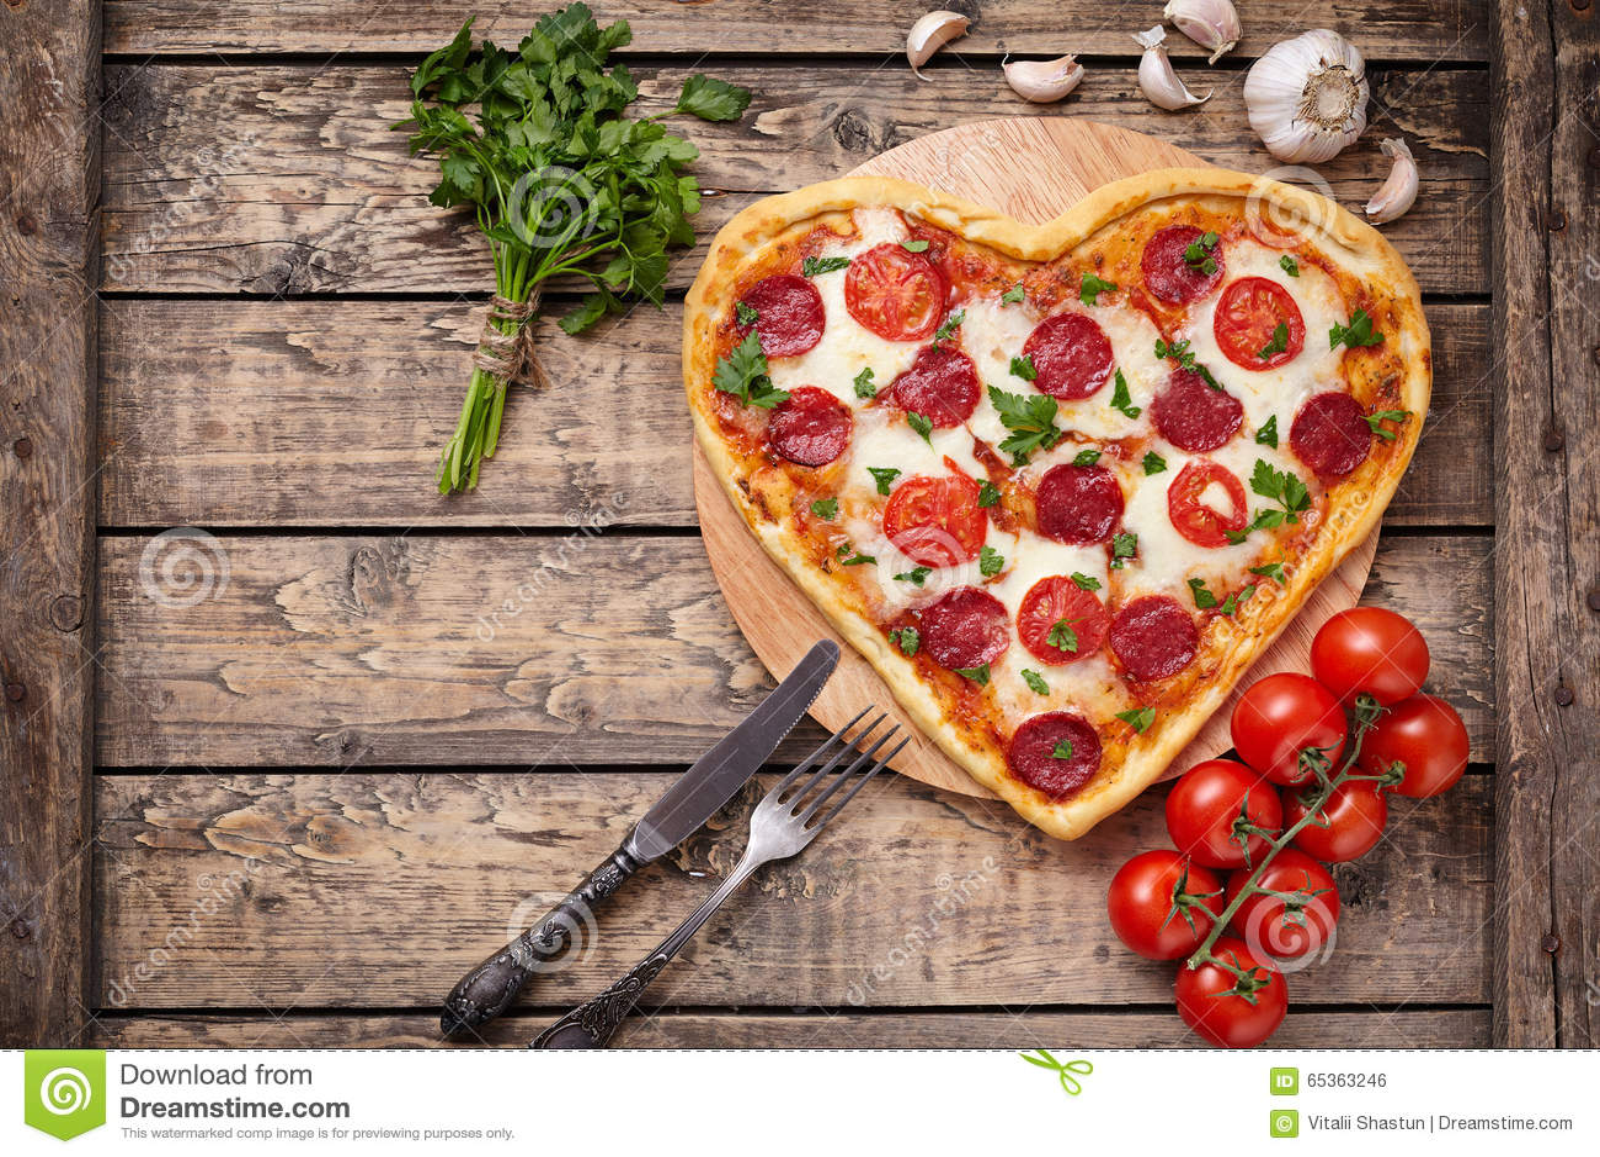 Διαμορφωμένη καρδιά πίτσα ημέρας βαλεντίνων με pepperoni